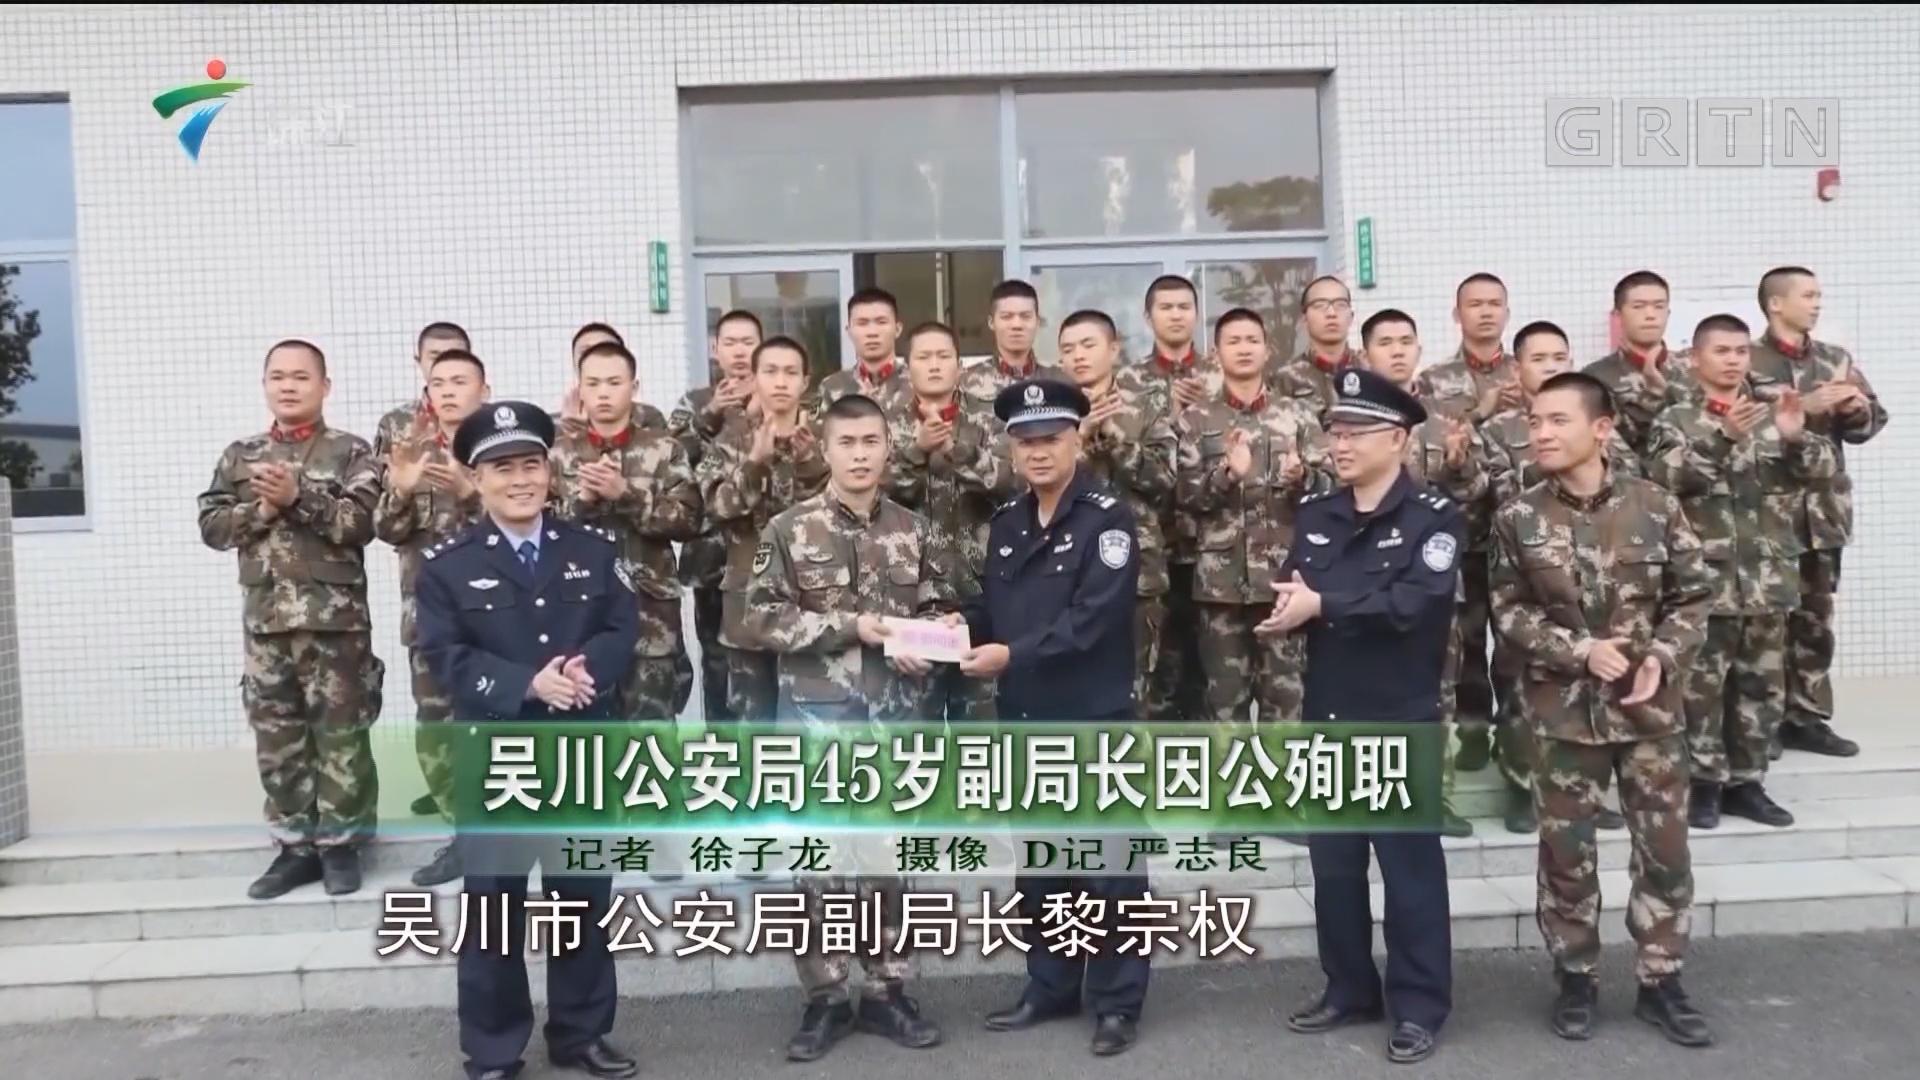 吴川公安局45岁副局长因公殉职